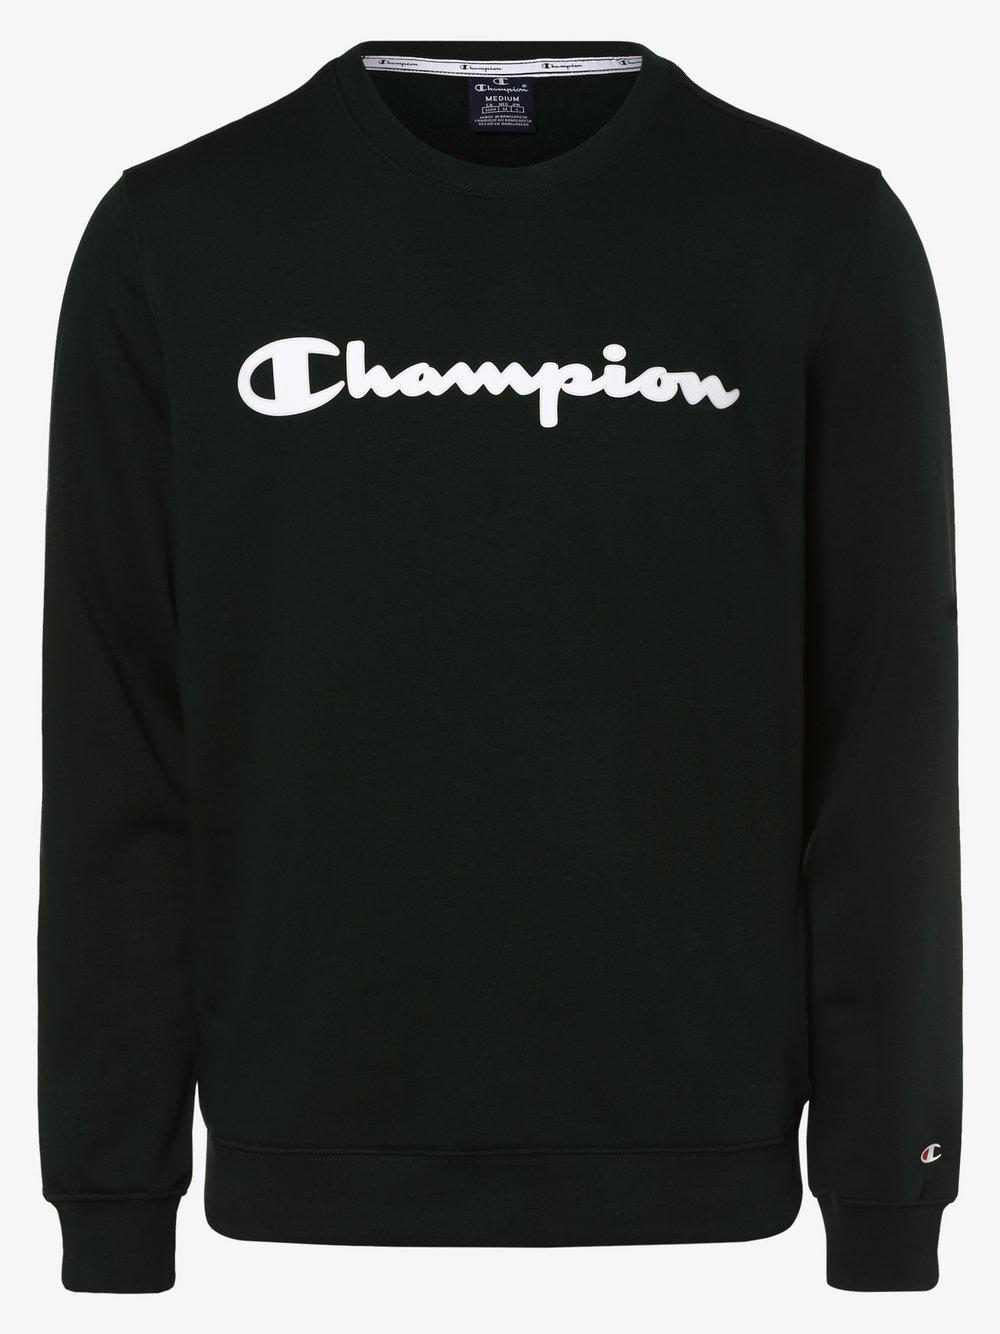 Champion - Męska bluza nierozpinana, zielony